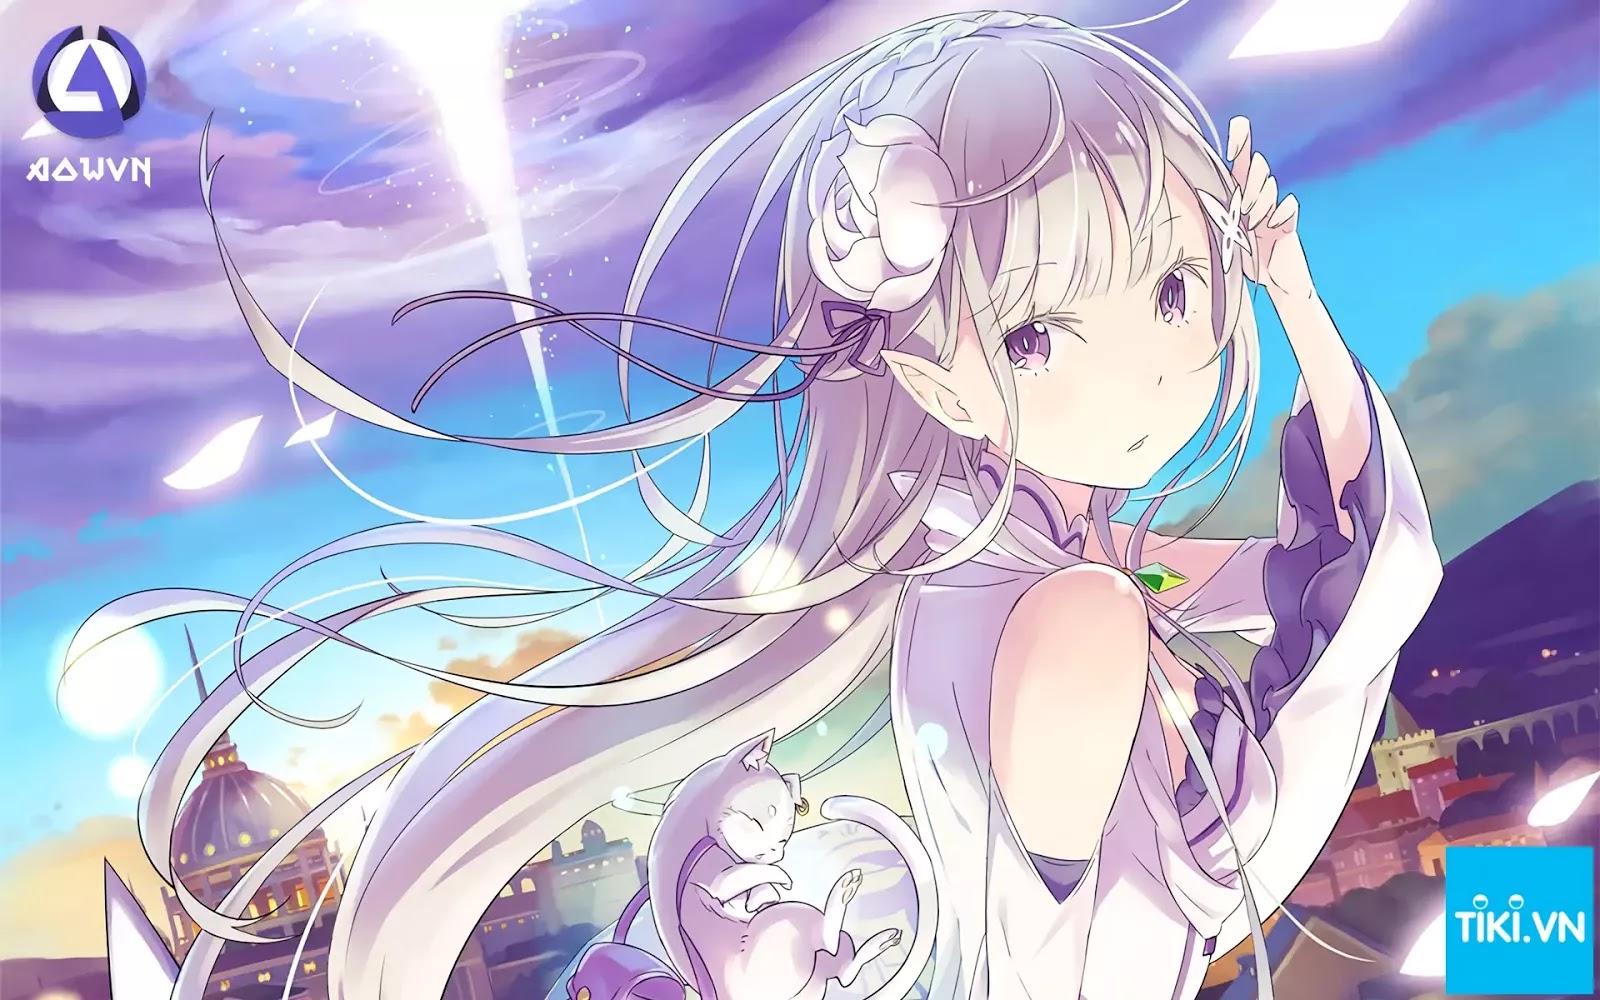 AowVN Tiki%2B%25281%2529 - [ Light Novel ] Re: Zero | 76.000đ - Bắt Đầu Lại Ở Thế Giới Khác + Quà Tặng Bookmark